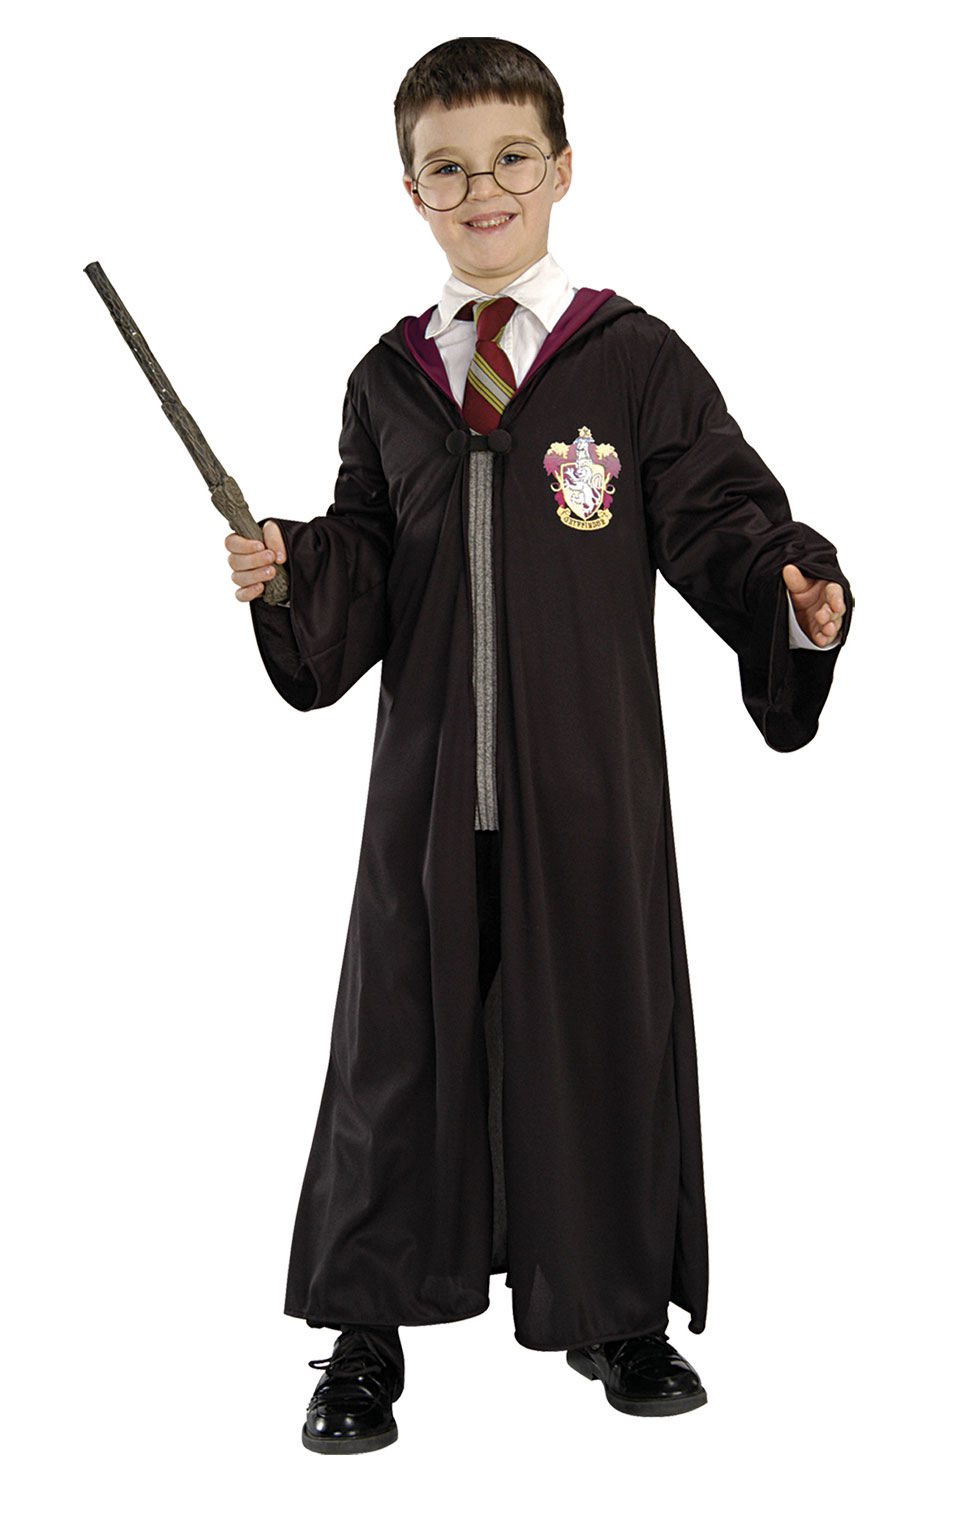 Sada Harry Potter (plášť, spona, kouzelnická hůlká, brýle)